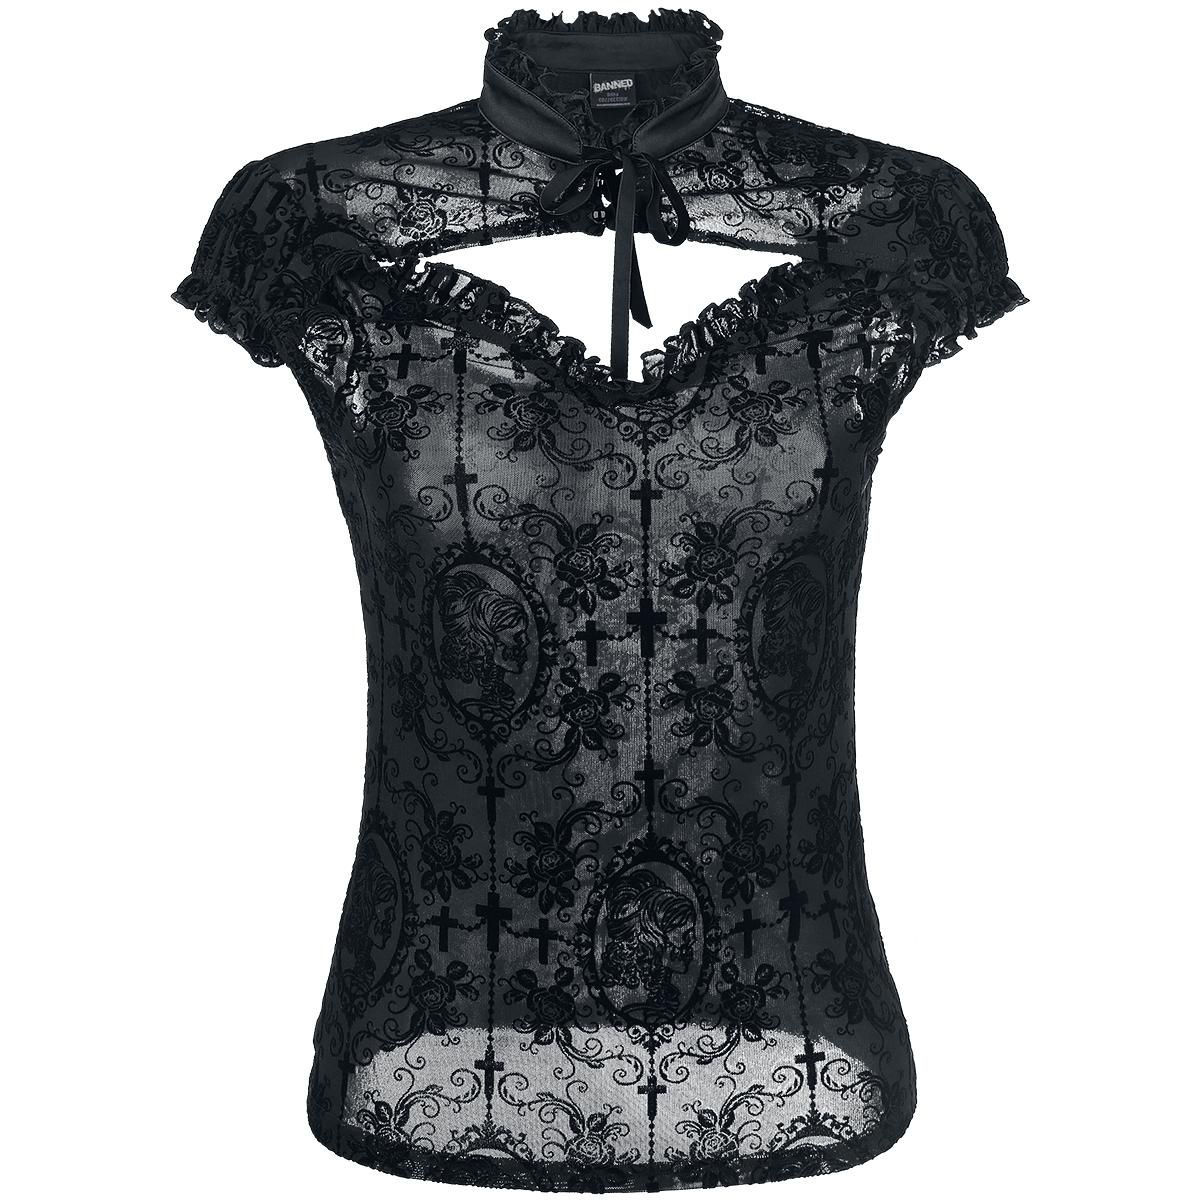 Fabulous Banned T Shirt Dark Lady Jetzt bei EMP kaufen Mehr Gothic